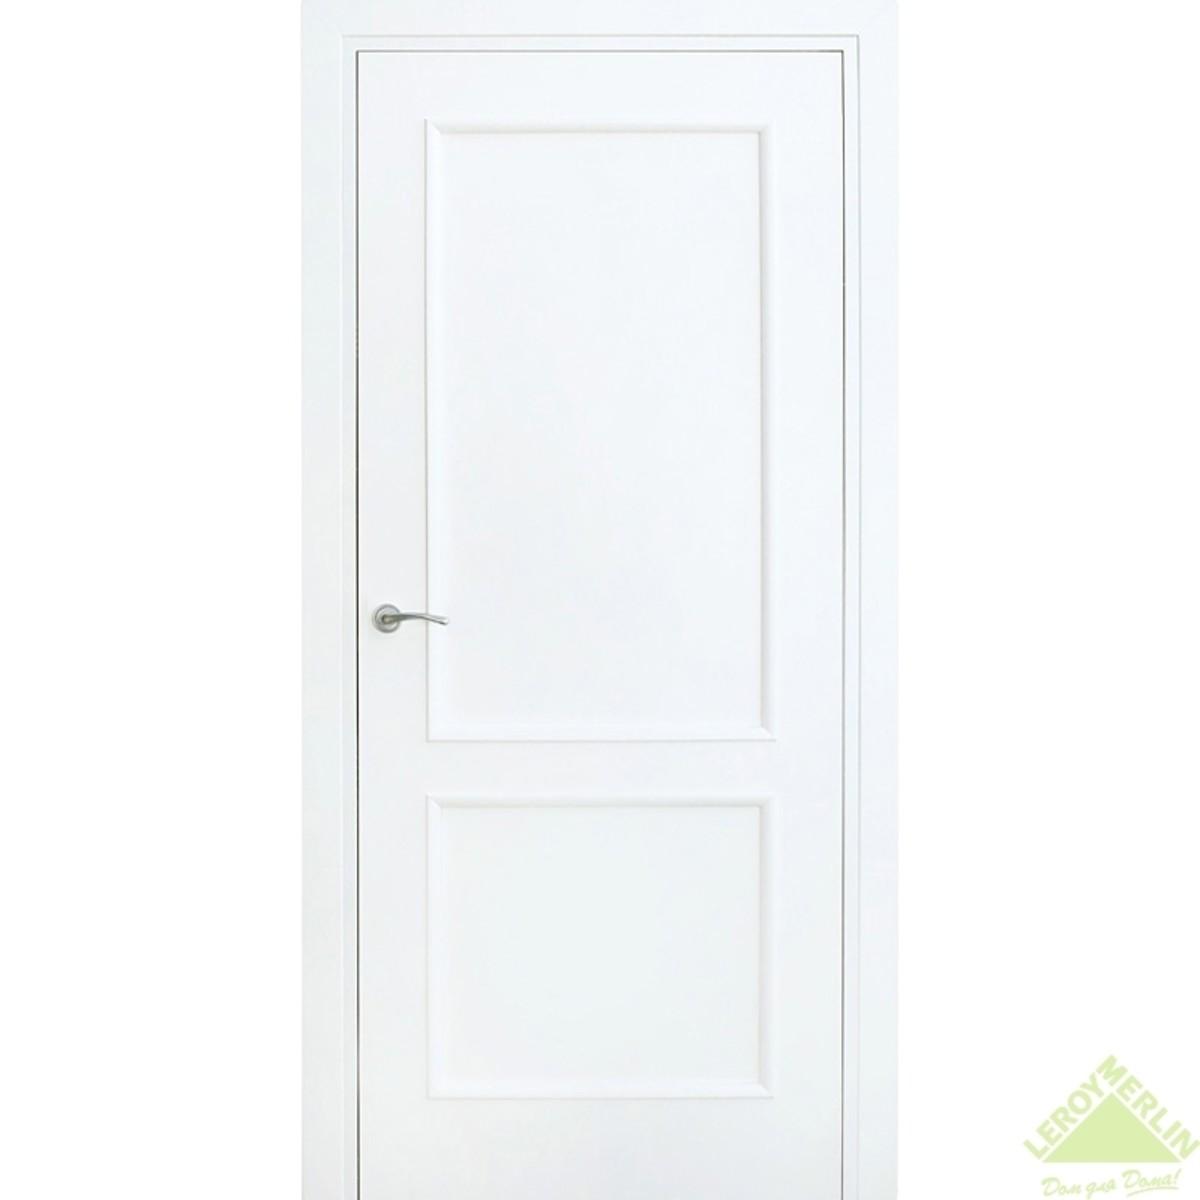 Дверь межкомнатная глухая Фортунато 820 800x2000 мм белый